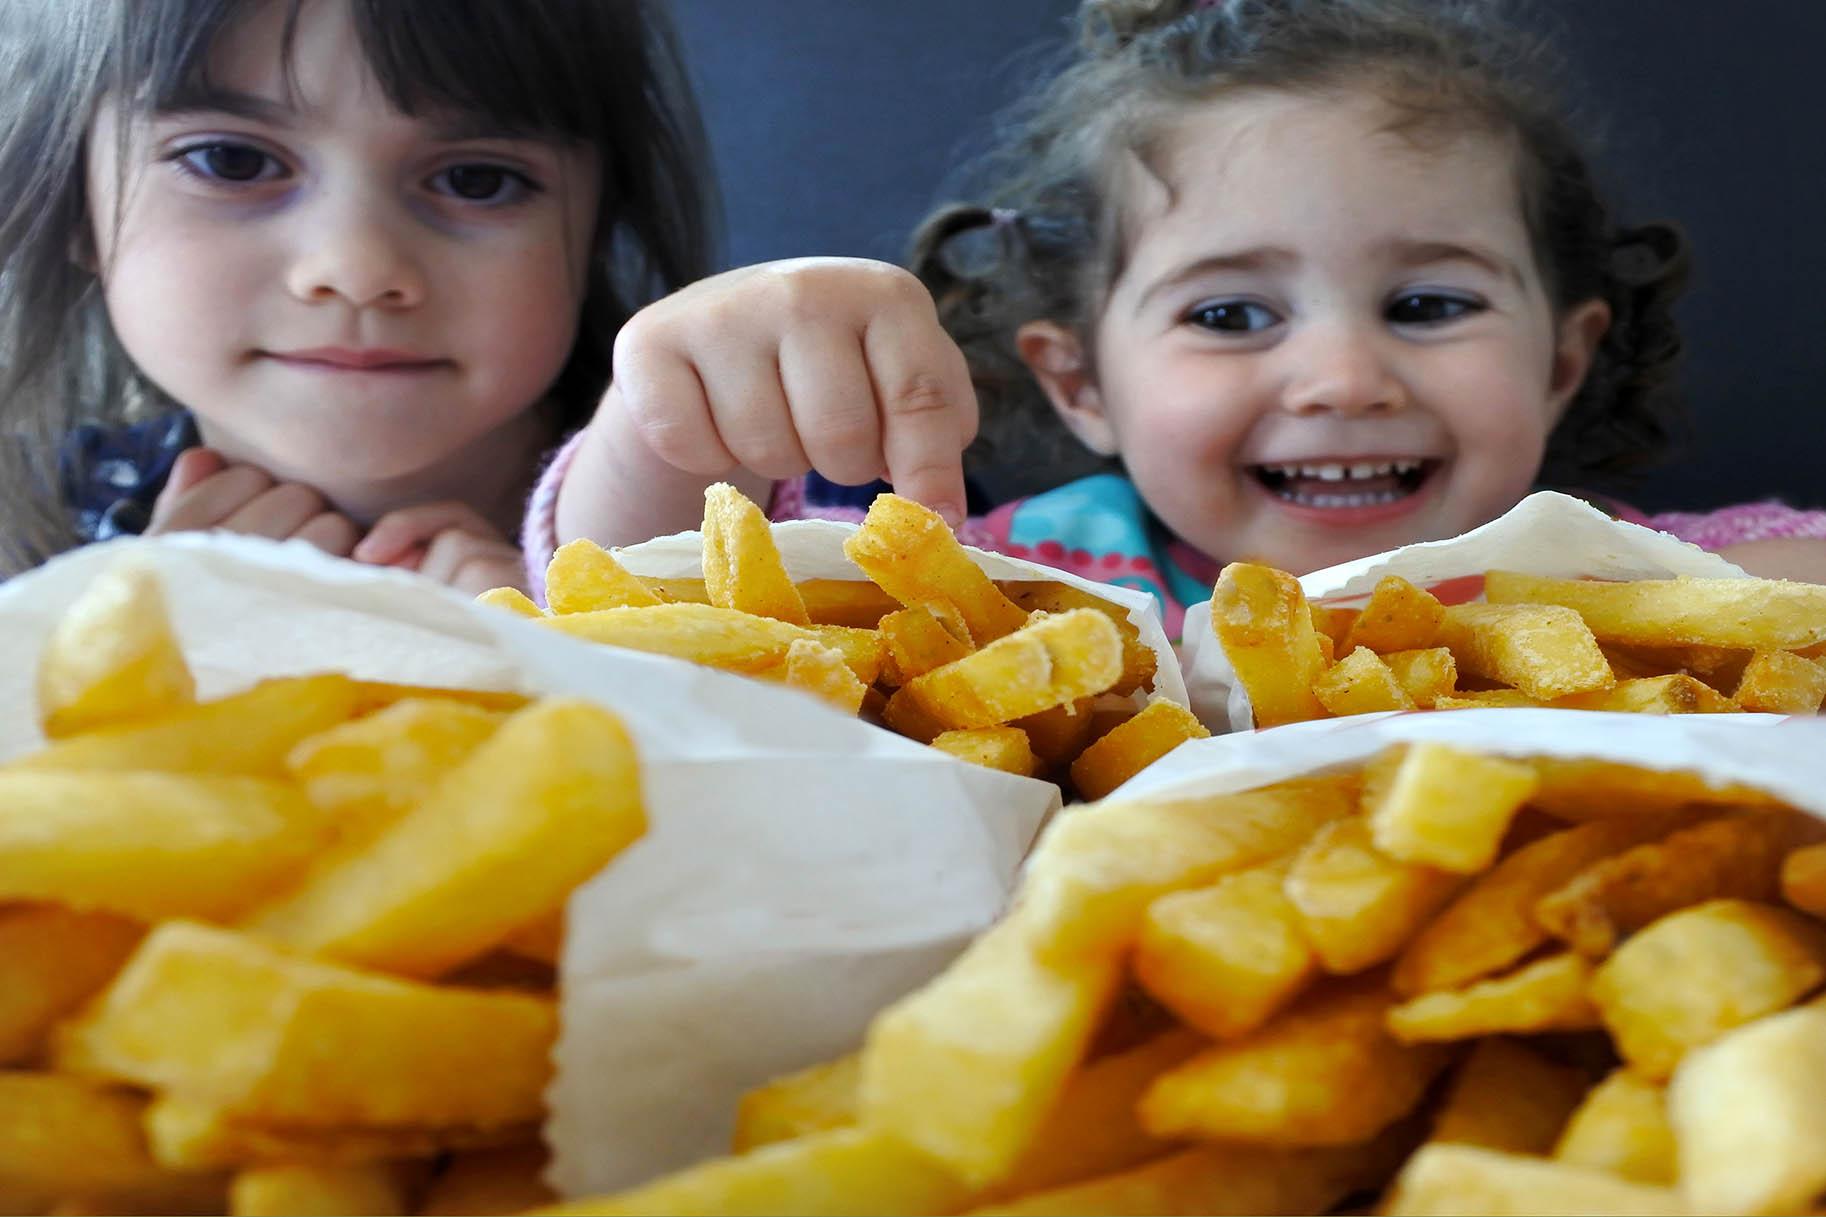 piccole bambini mangiano le patatine fritte